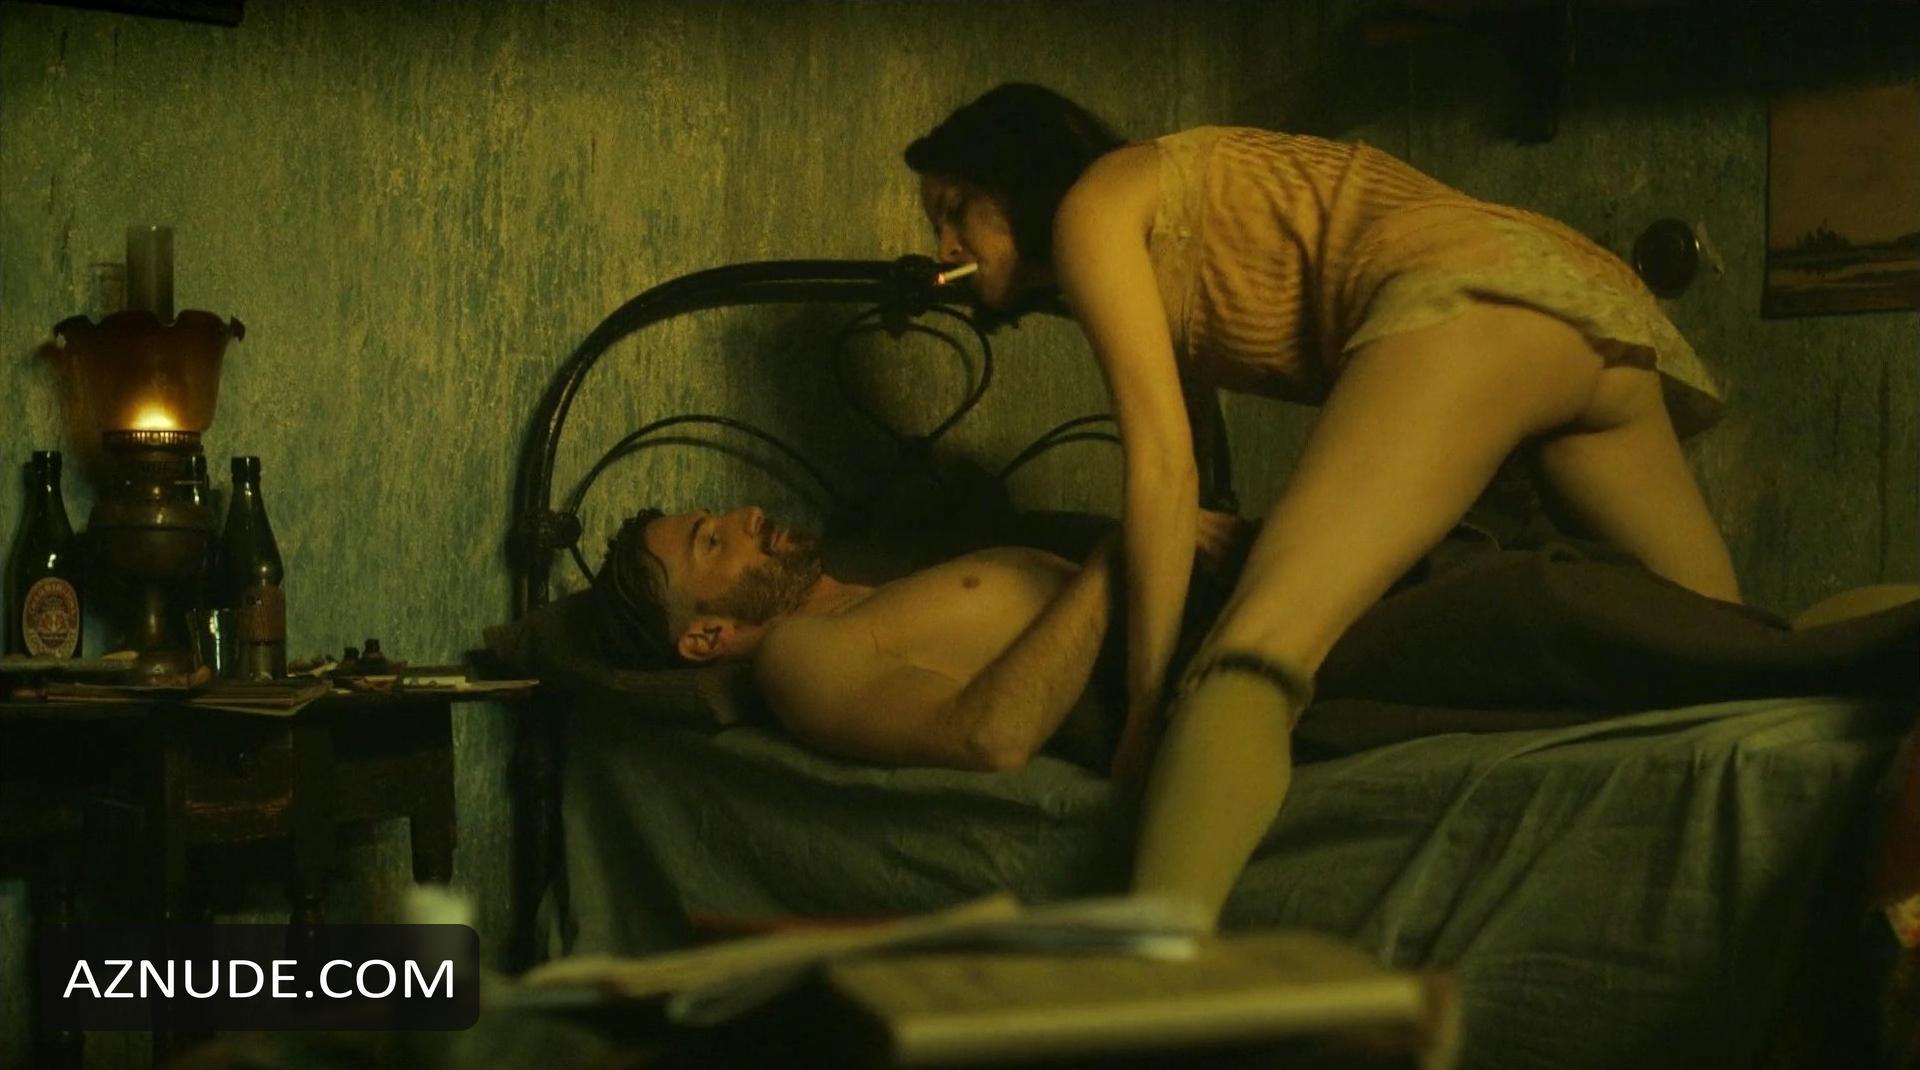 SOPHIE RUNDLE Nude - AZNude